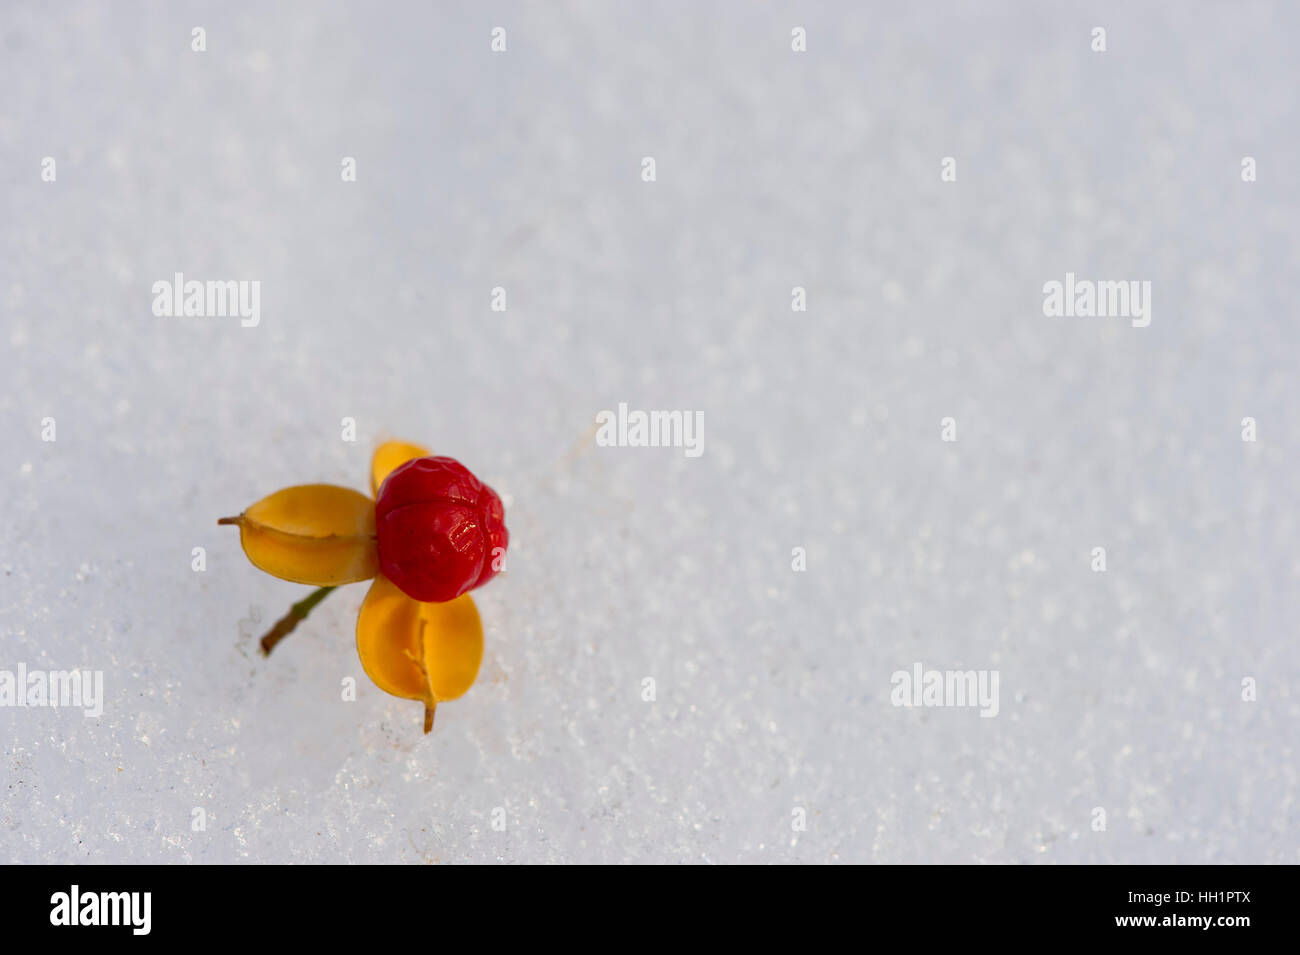 Une graine rouge et jaune sur la neige fraîchement tombée. Photo Stock